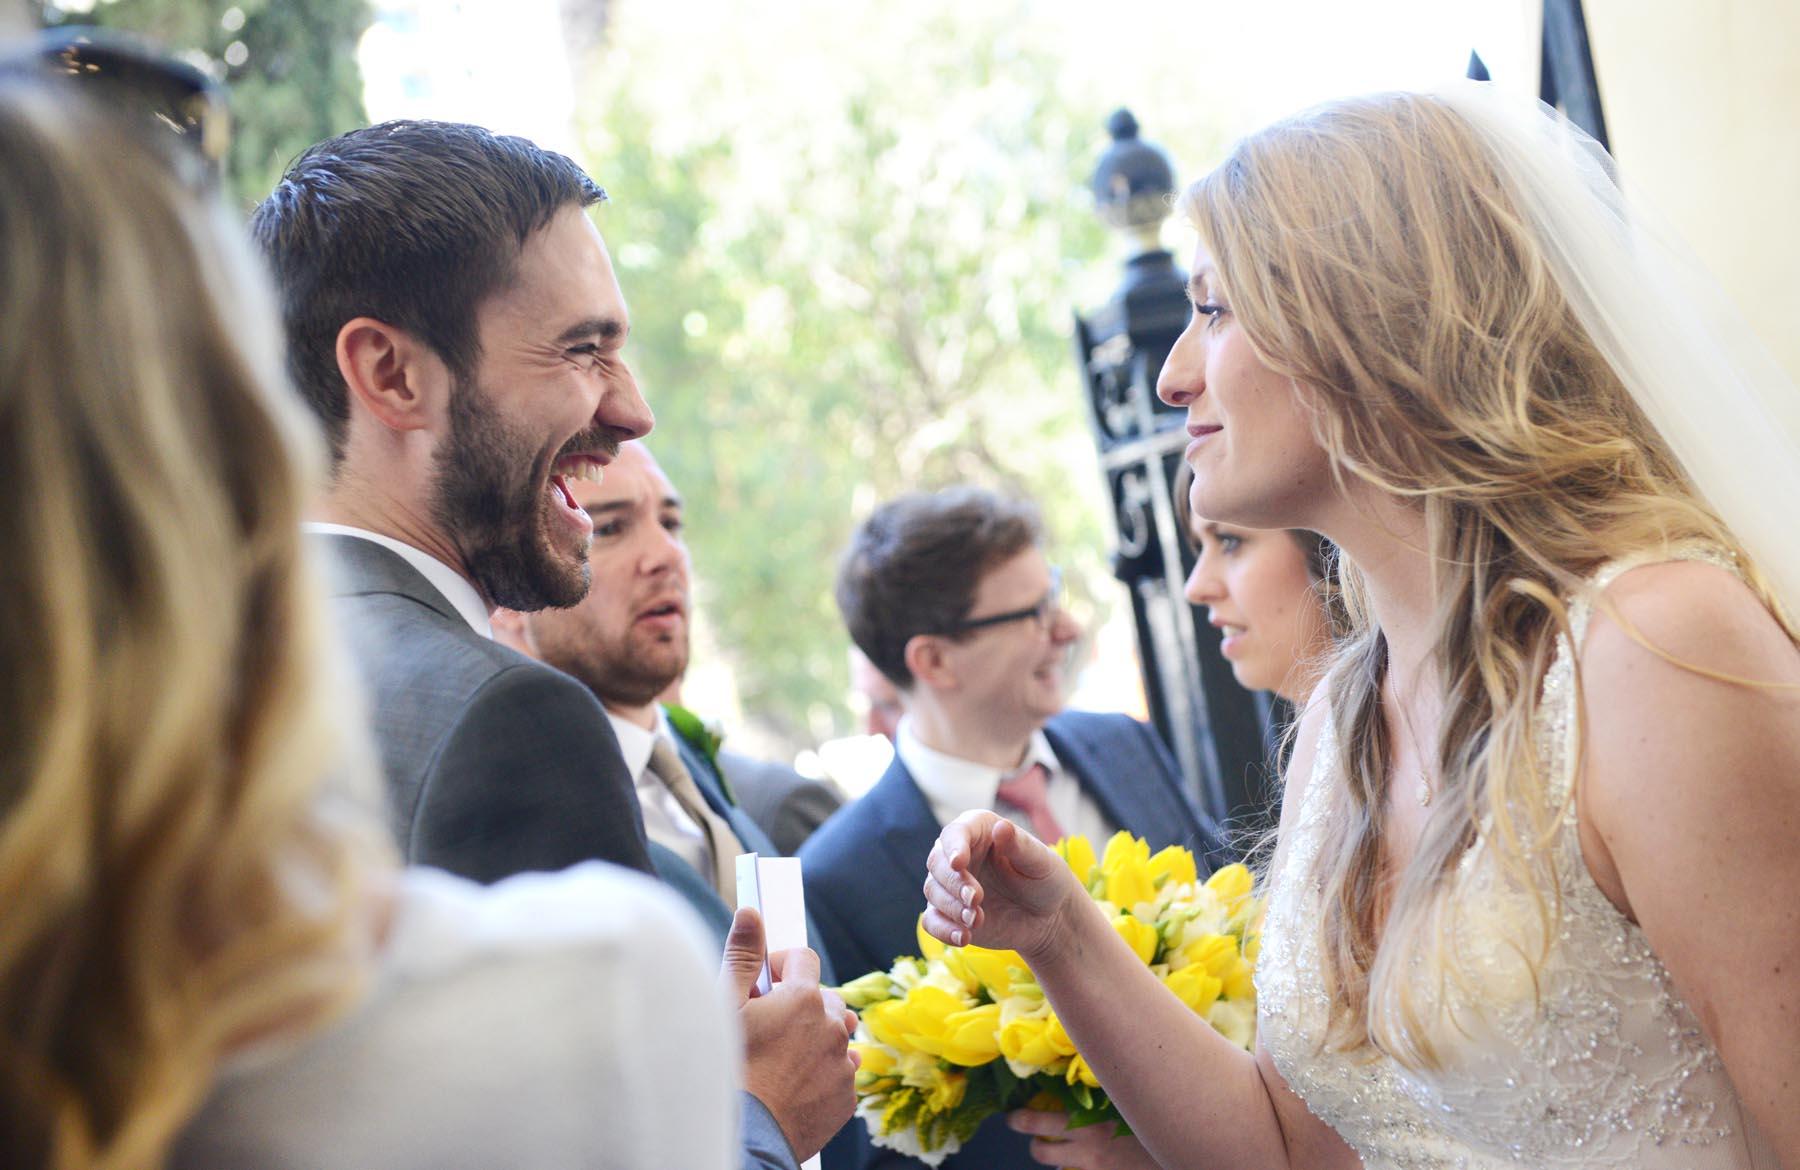 catedarl gibraltar fotografos de boda